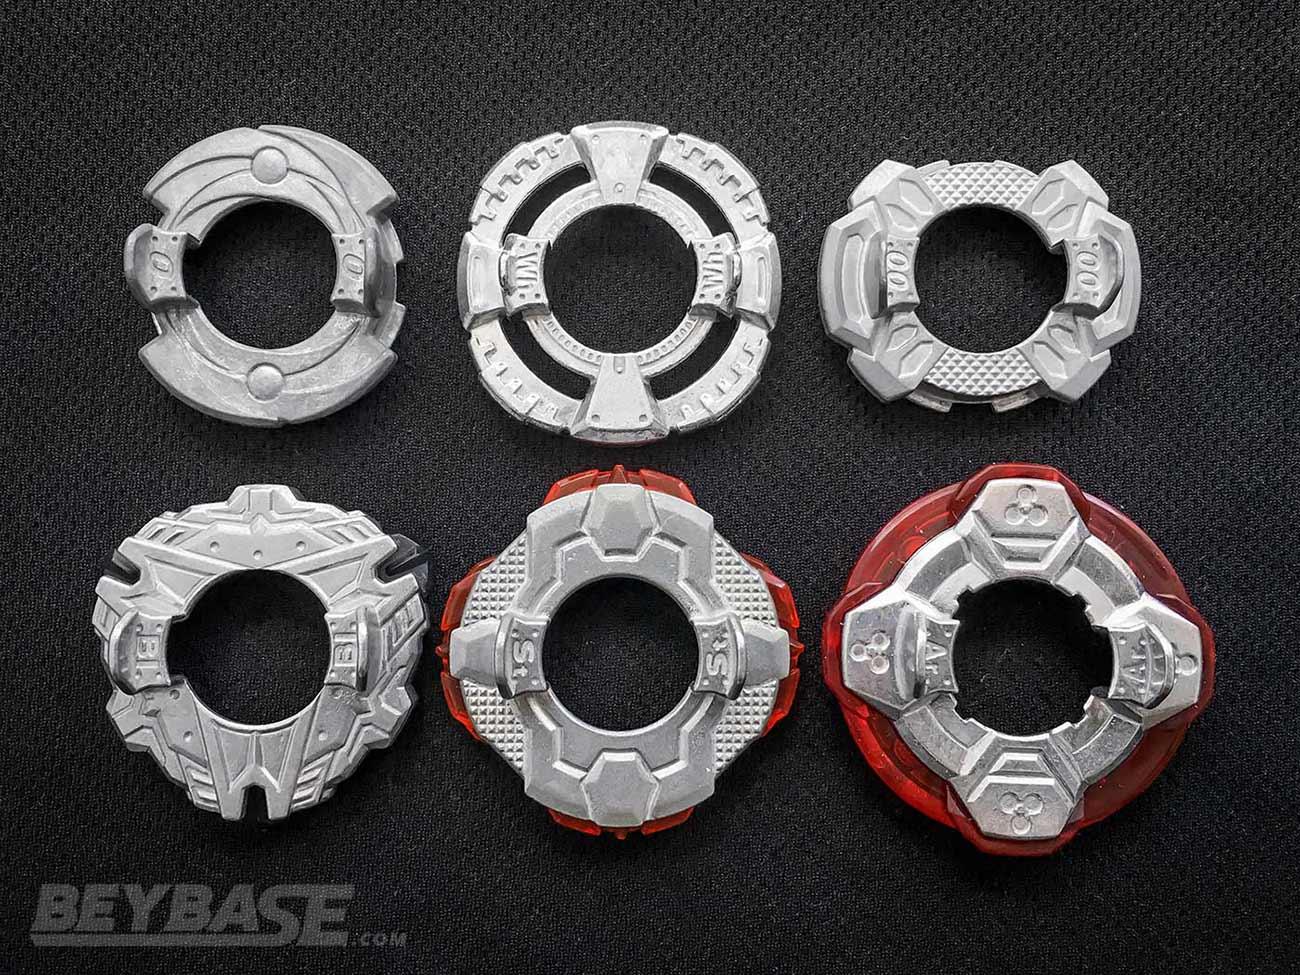 wheel, 0, sting, around, blitz, 00 beyblade burst disks